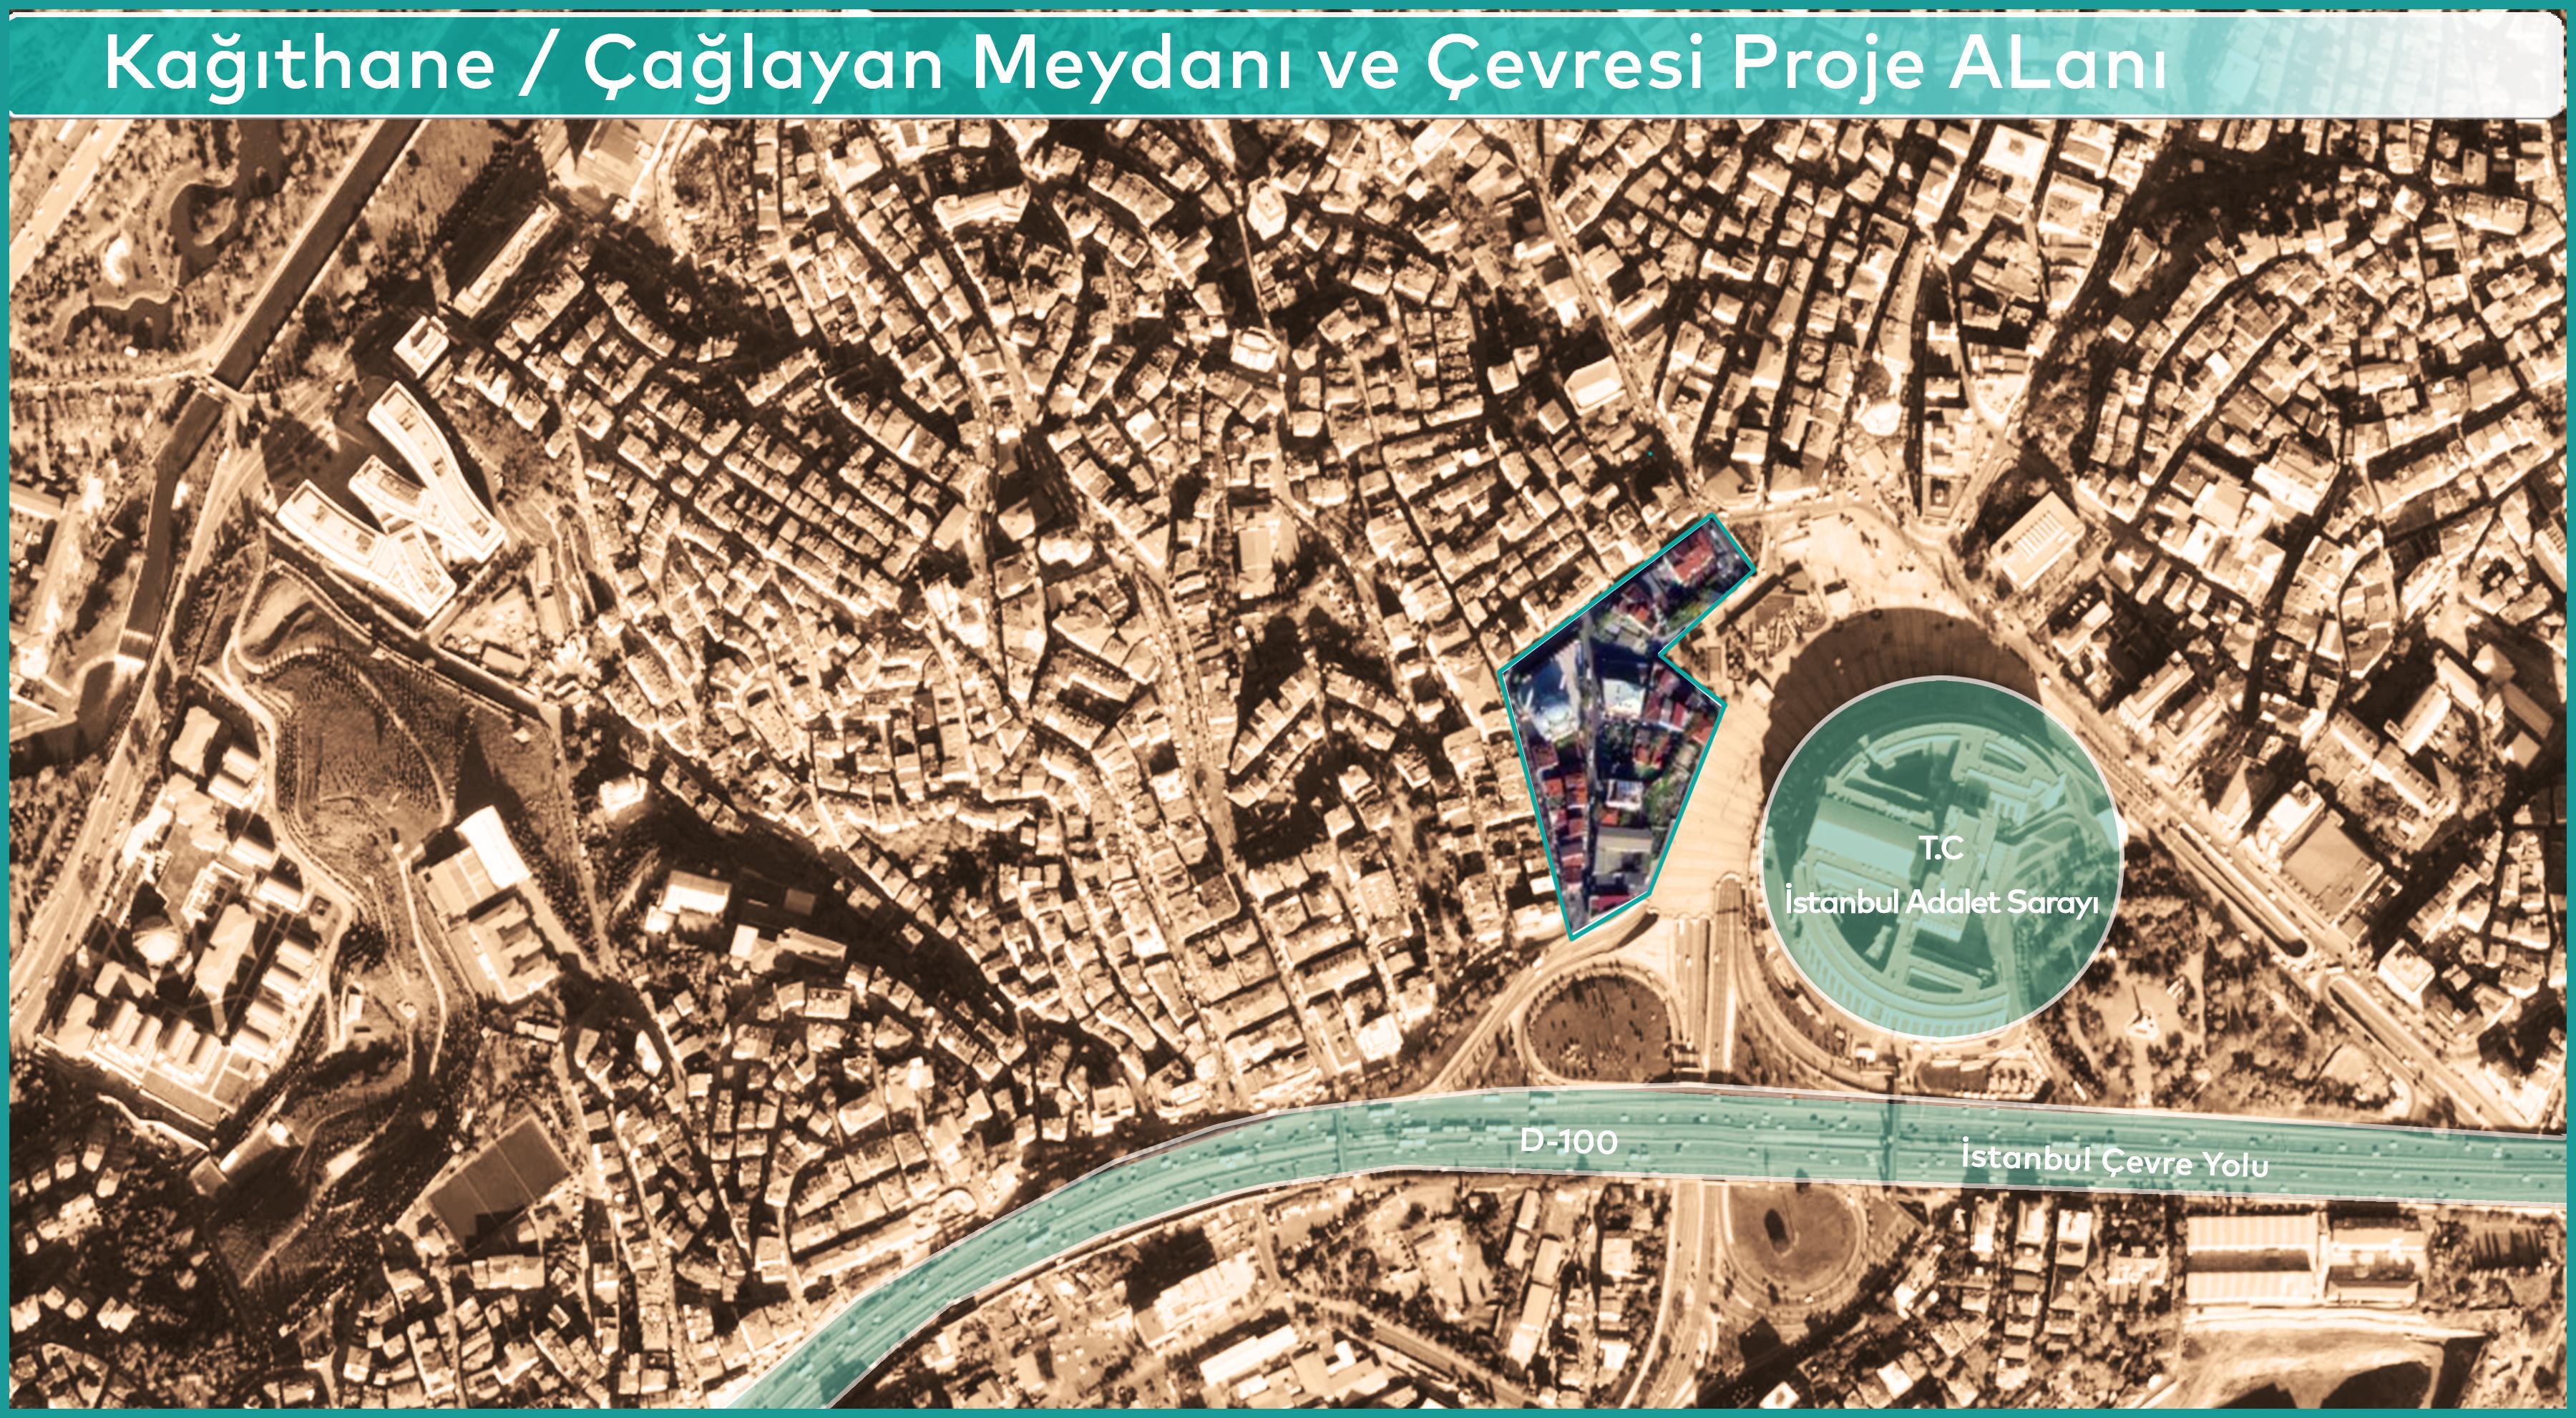 Kağıthane / Çağlayan Meydanı ve Çevresi Proje Alanı